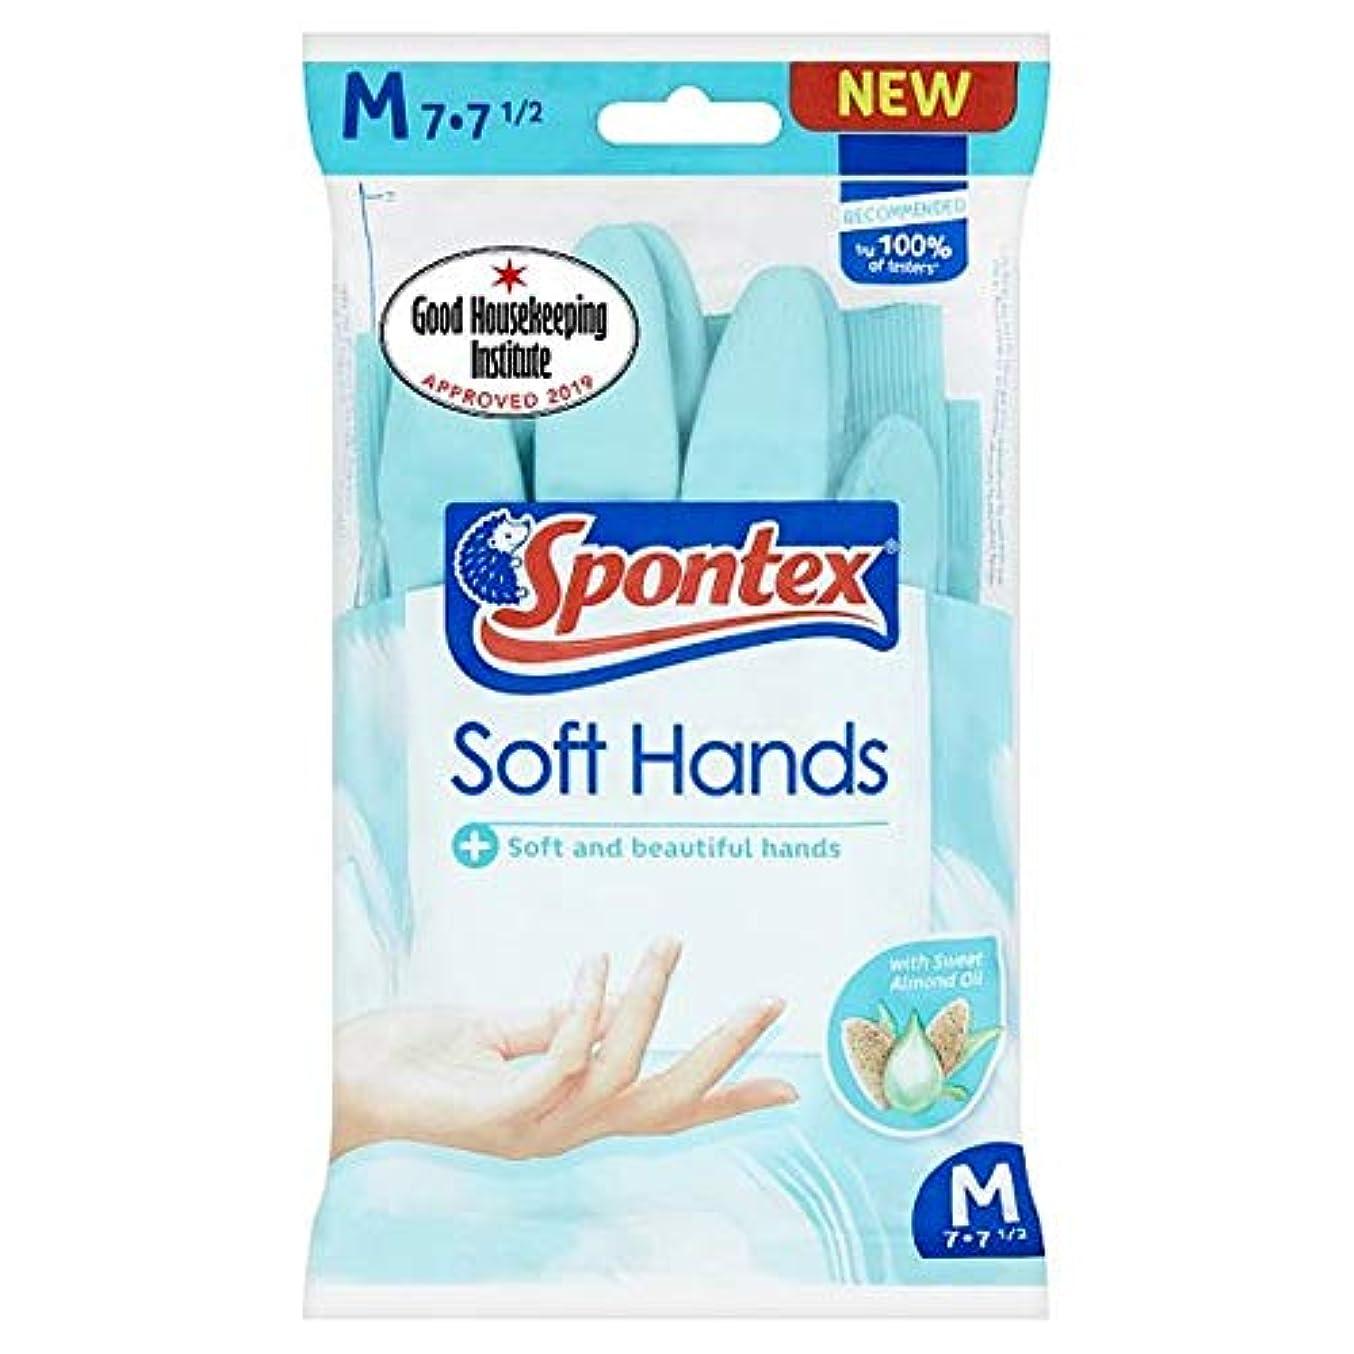 プーノガチョウ覗く[Spontex] Spontex柔らかい手のゴム手袋 - Spontex Soft Hands Rubber Gloves [並行輸入品]